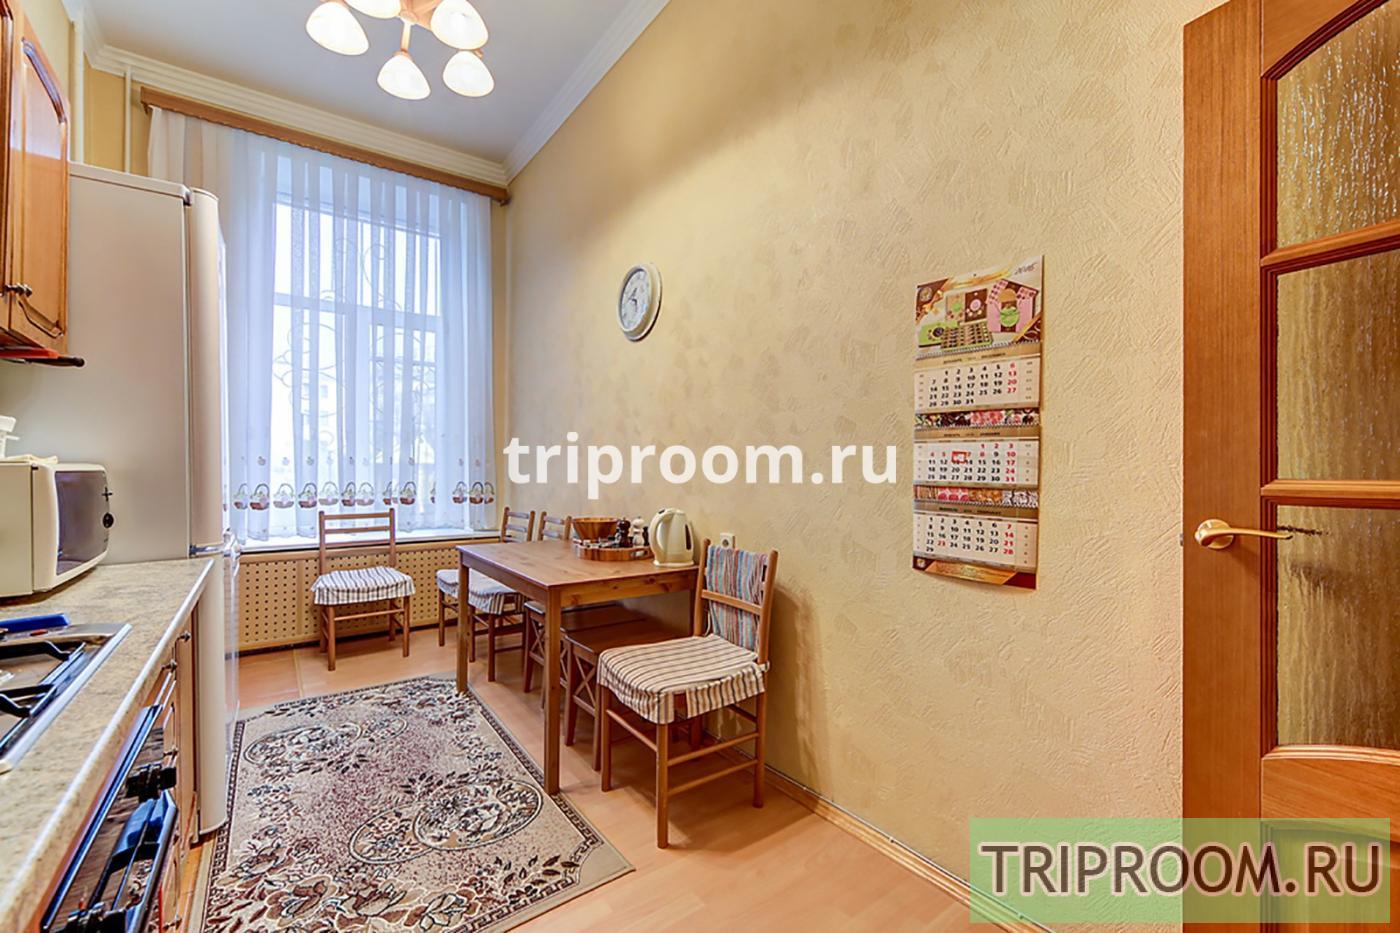 4-комнатная квартира посуточно (вариант № 20160), ул. Реки Мойки набережная, фото № 30